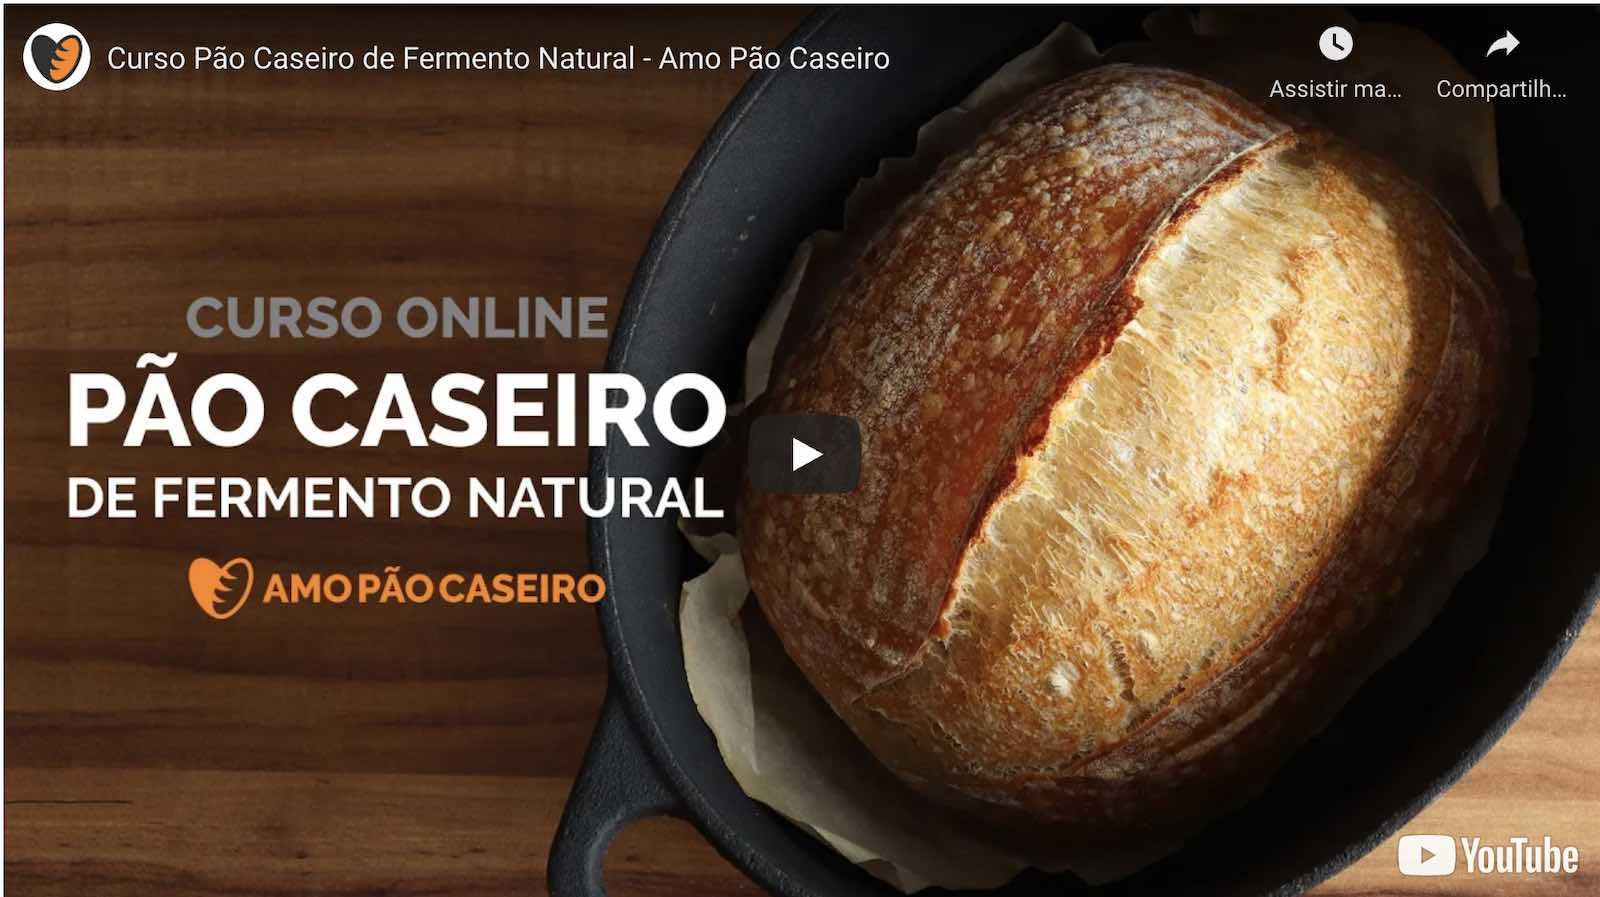 curso pao caseiro de fermentacao natural